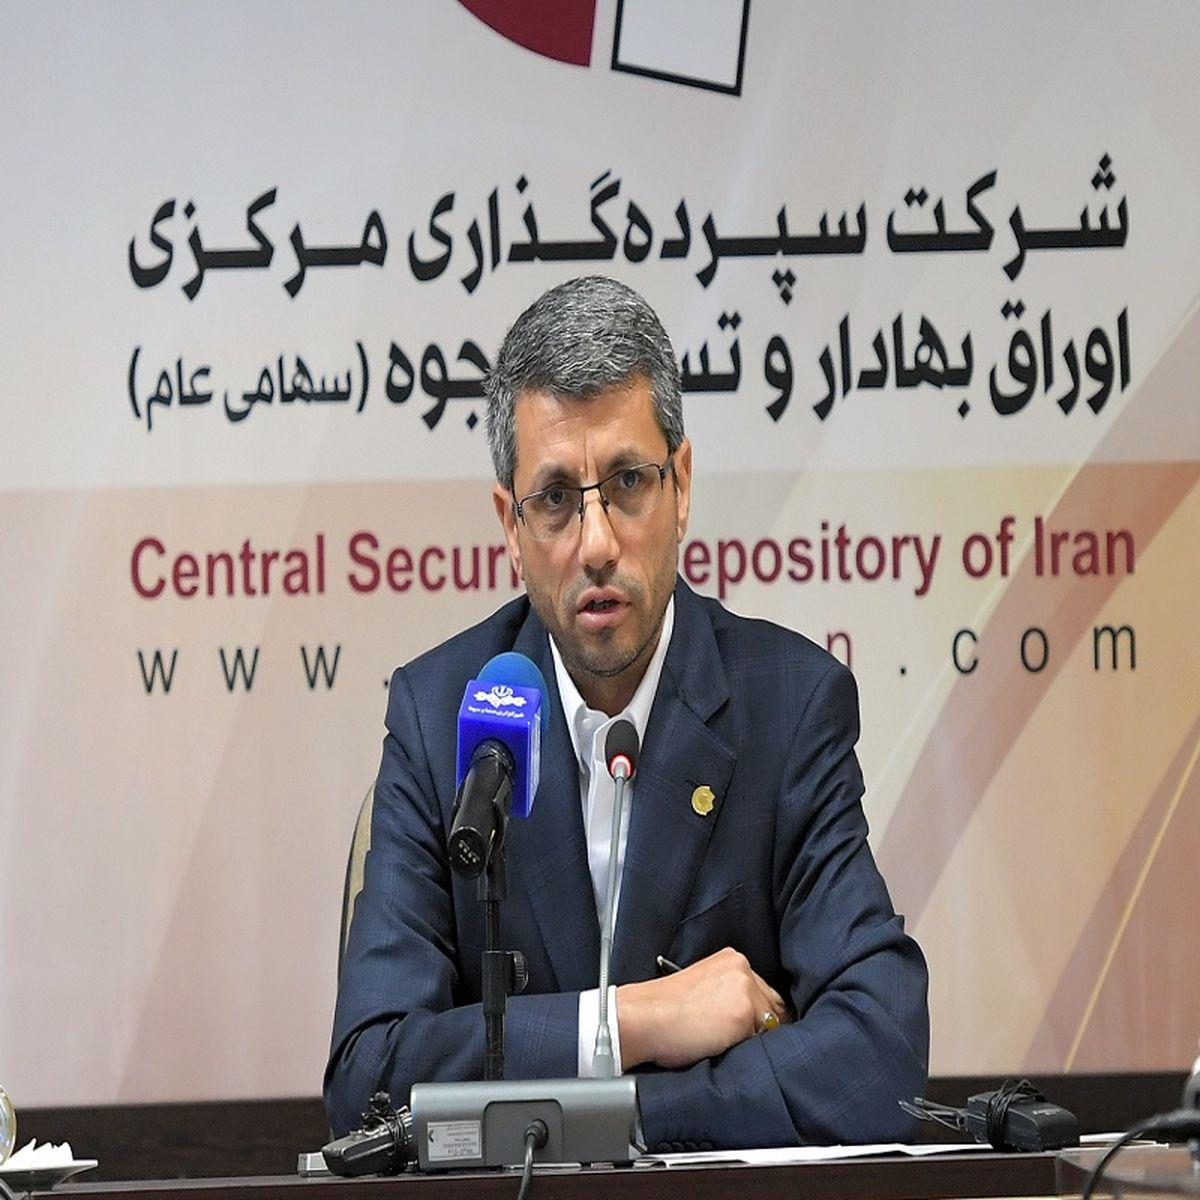 فهیمی: دسترسی مردم به خدمات سمات در کل ایران فراهم شده است